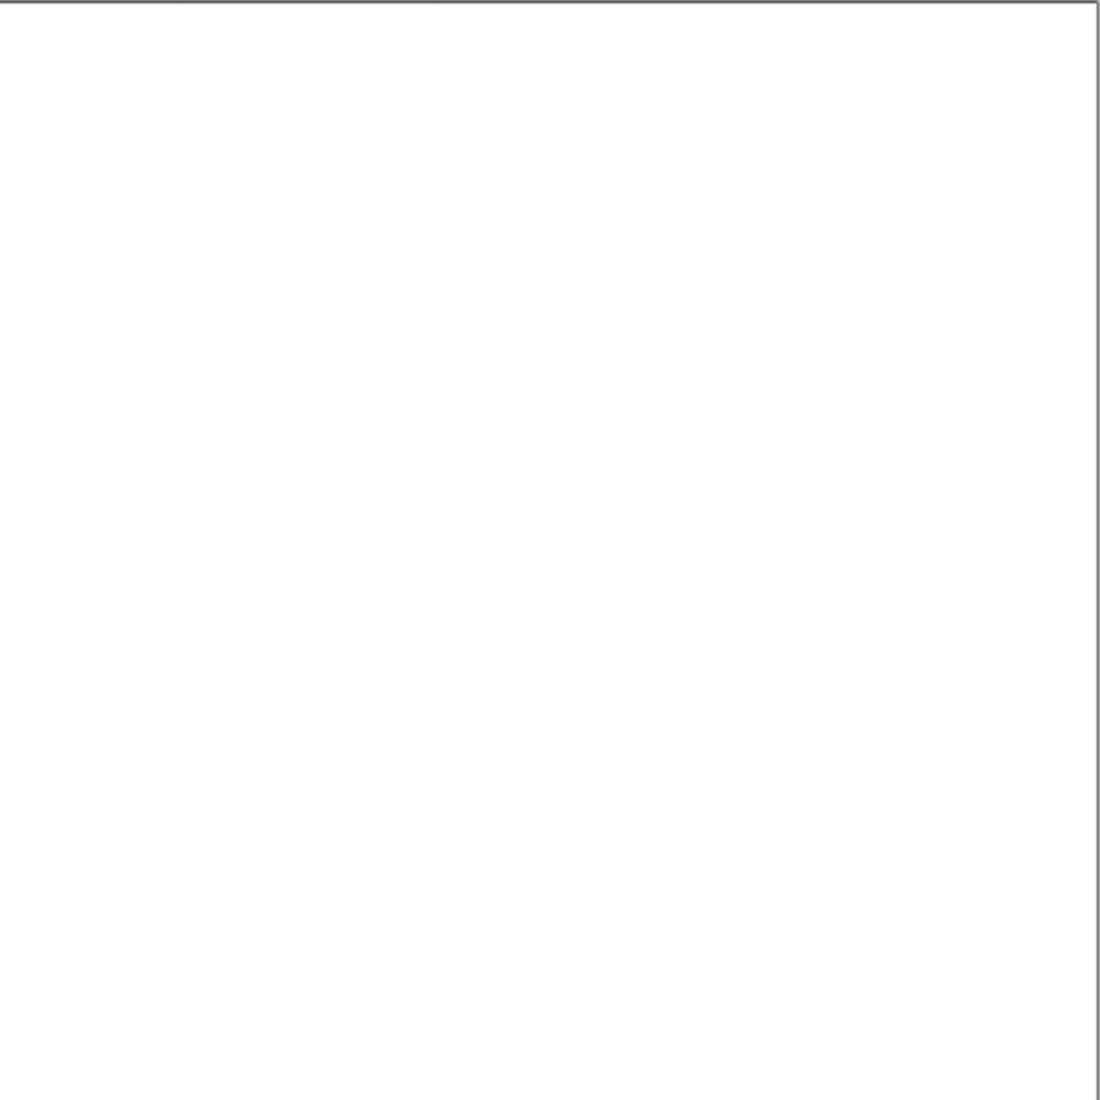 Piso Almeida 50 x 50 Branco Ref: 50A06 Com 2,00mts na Caixa